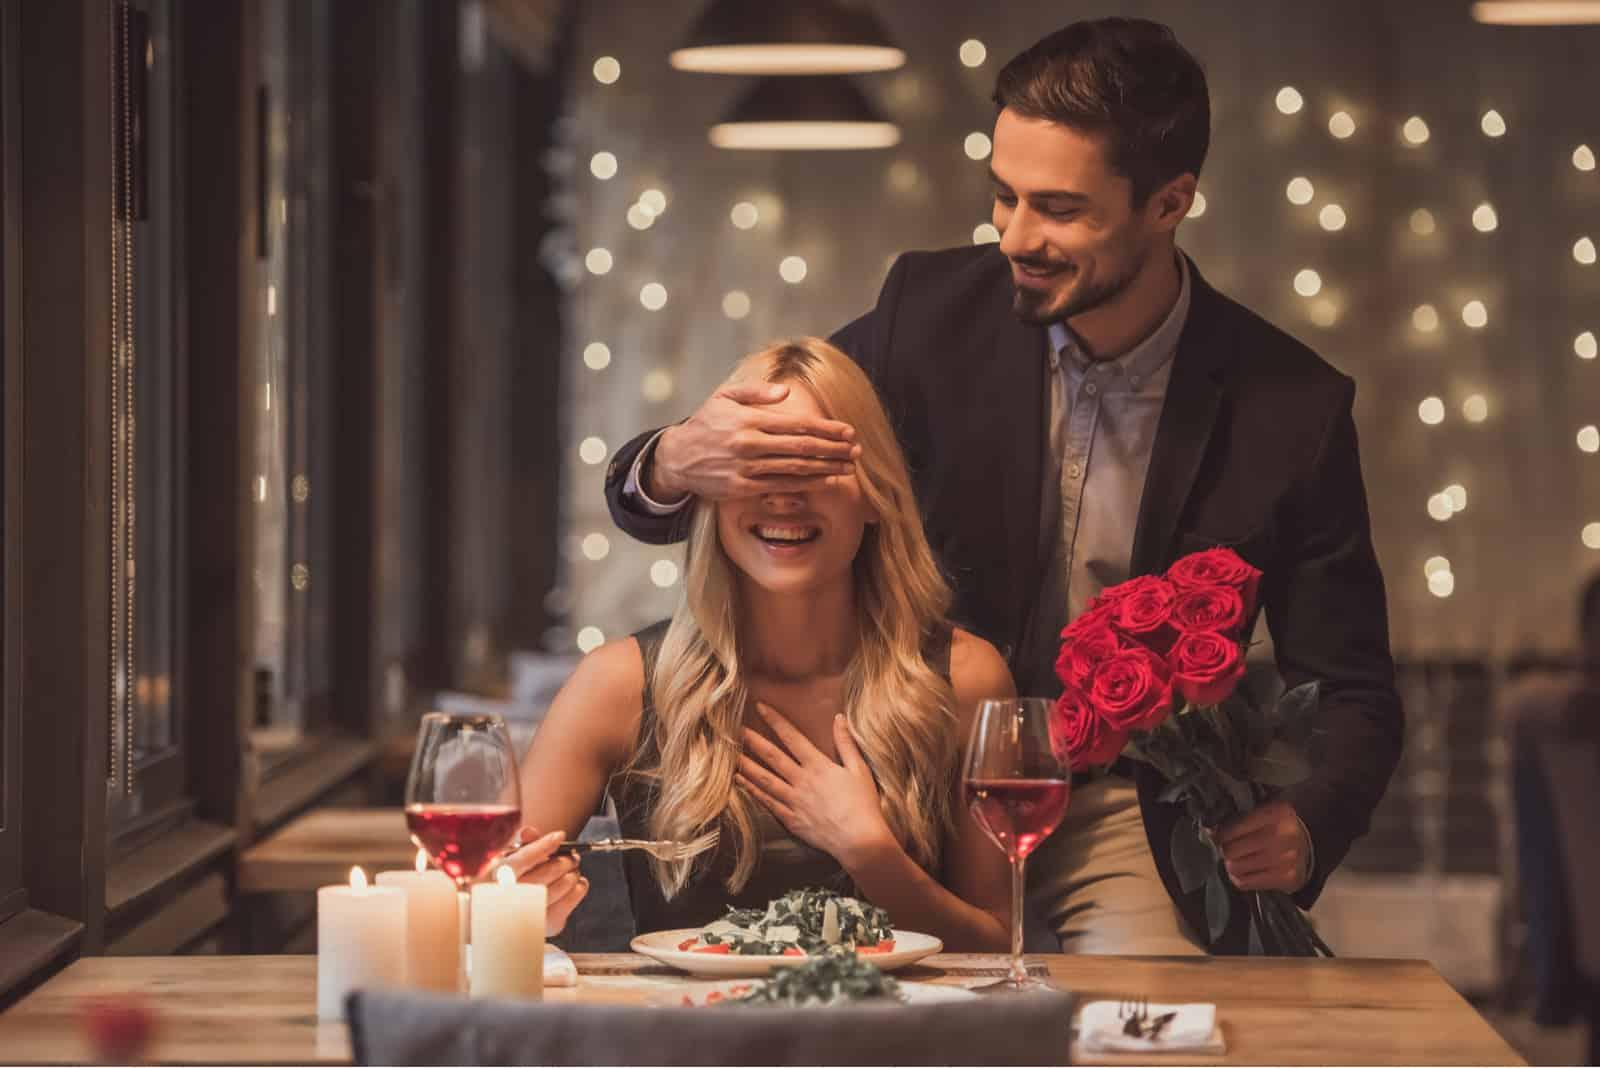 un homme a surpris une femme avec un bouquet de roses